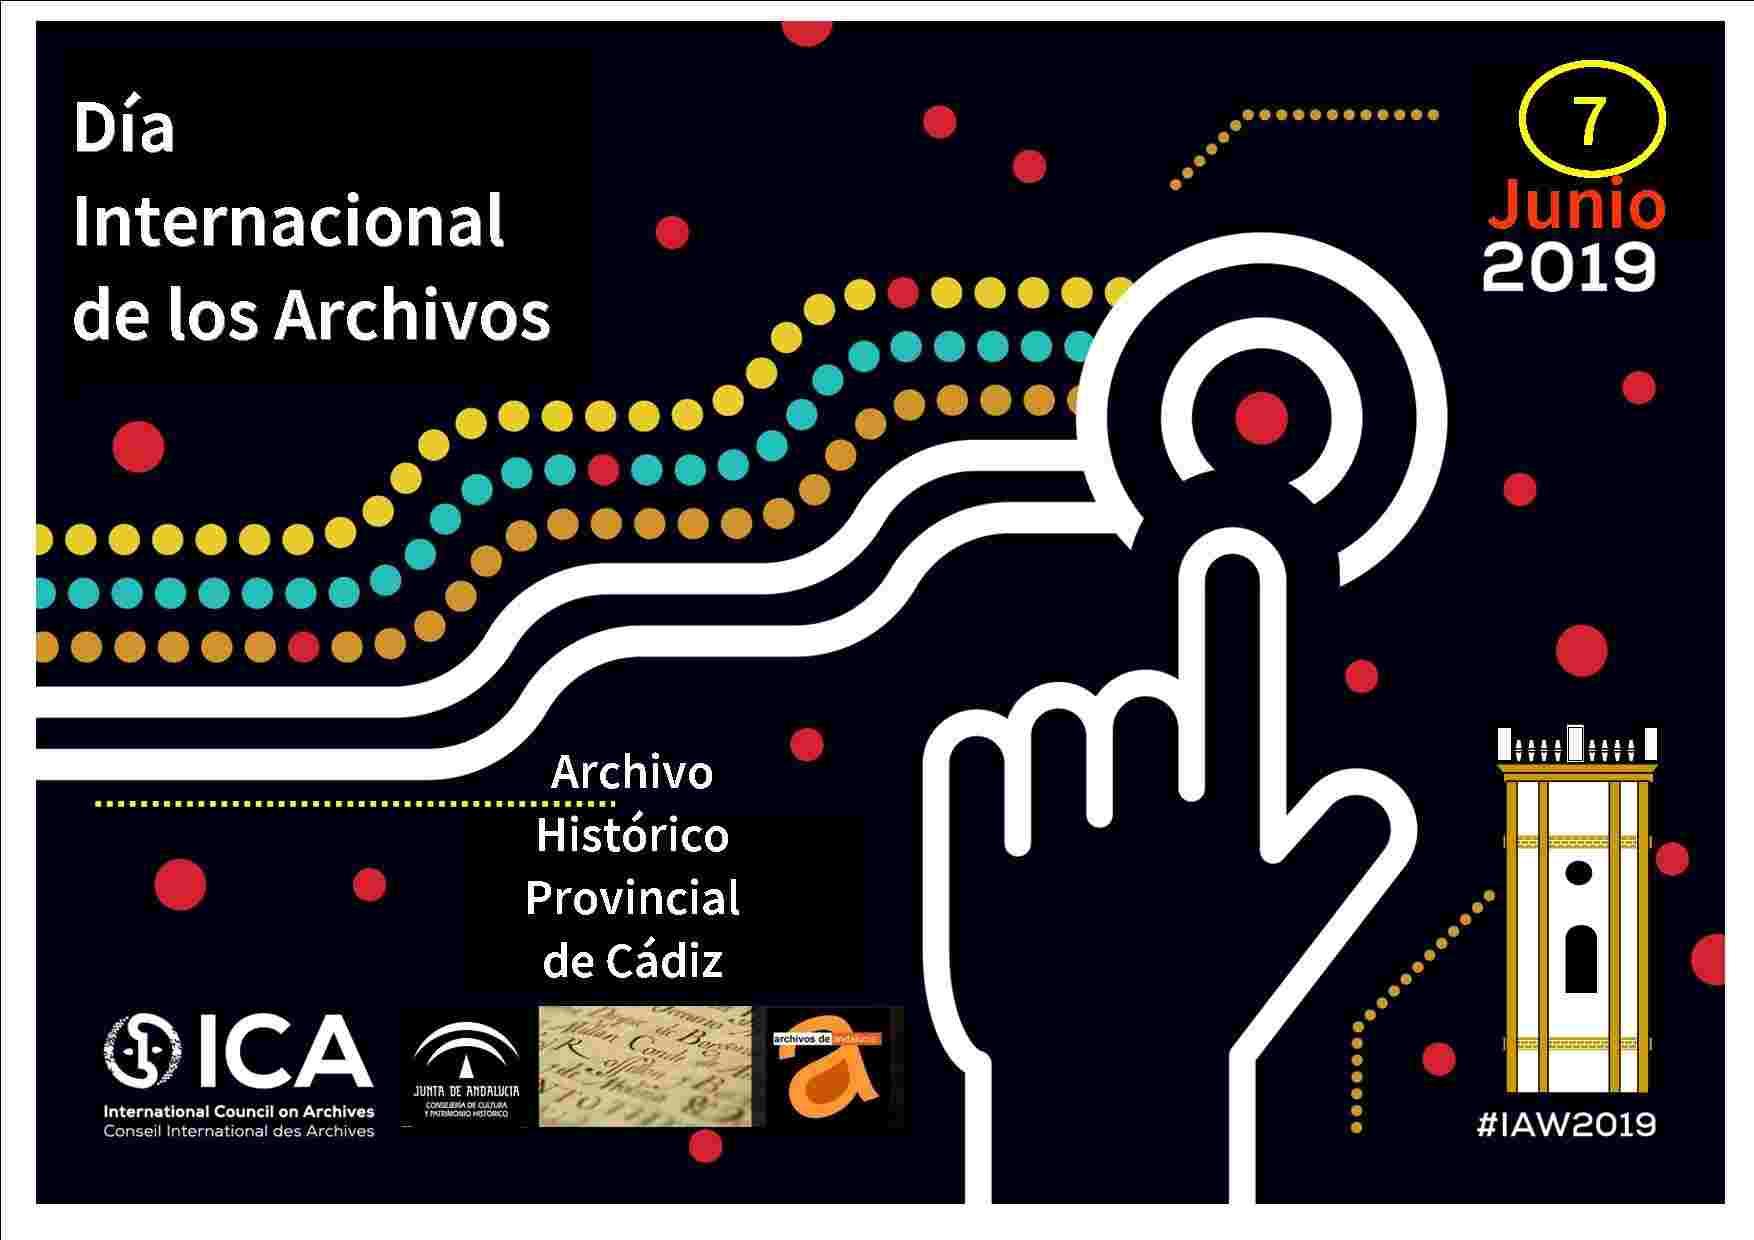 CanalPatrimonio_Cartel día internacional de los archivos